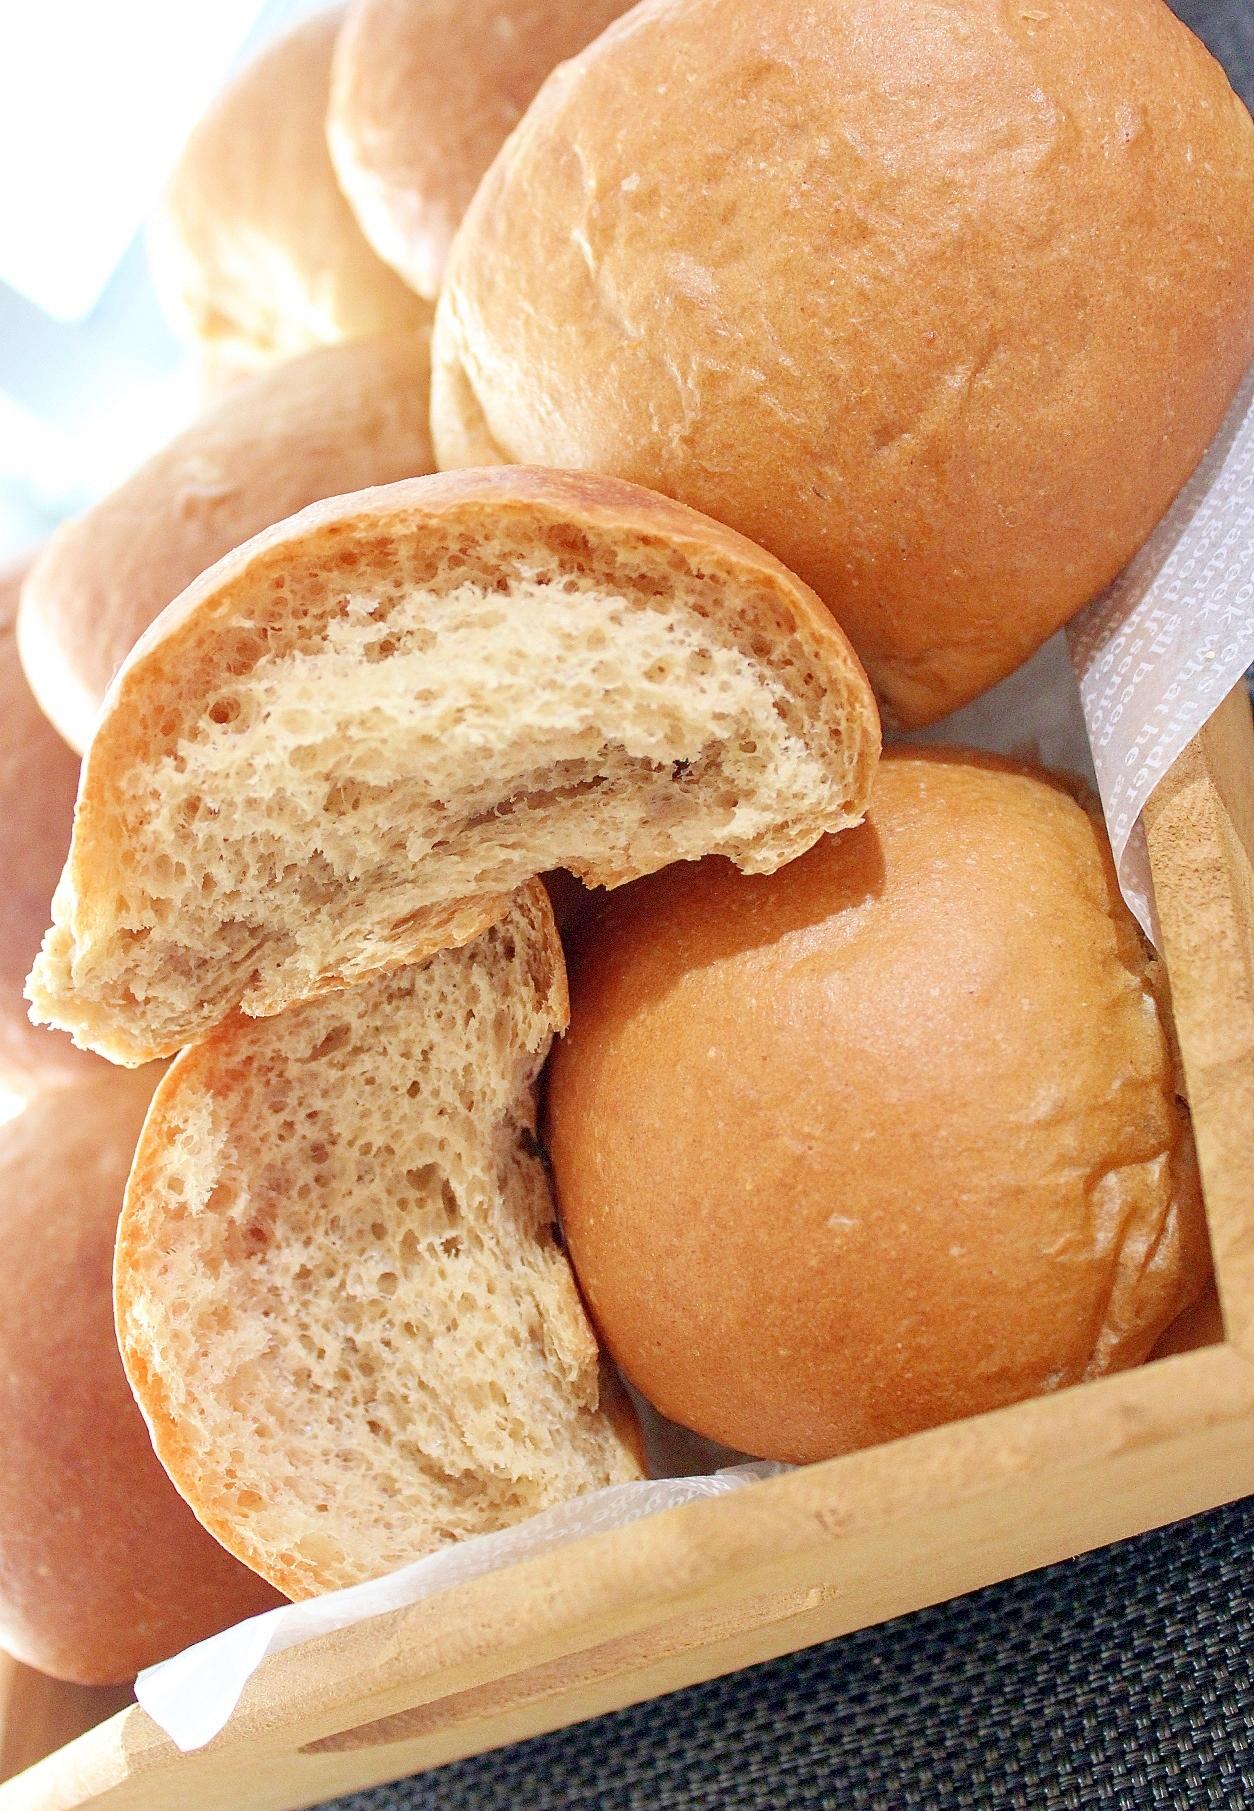 糖質制限★米ブラン入りピーナッツふんわりブランパン